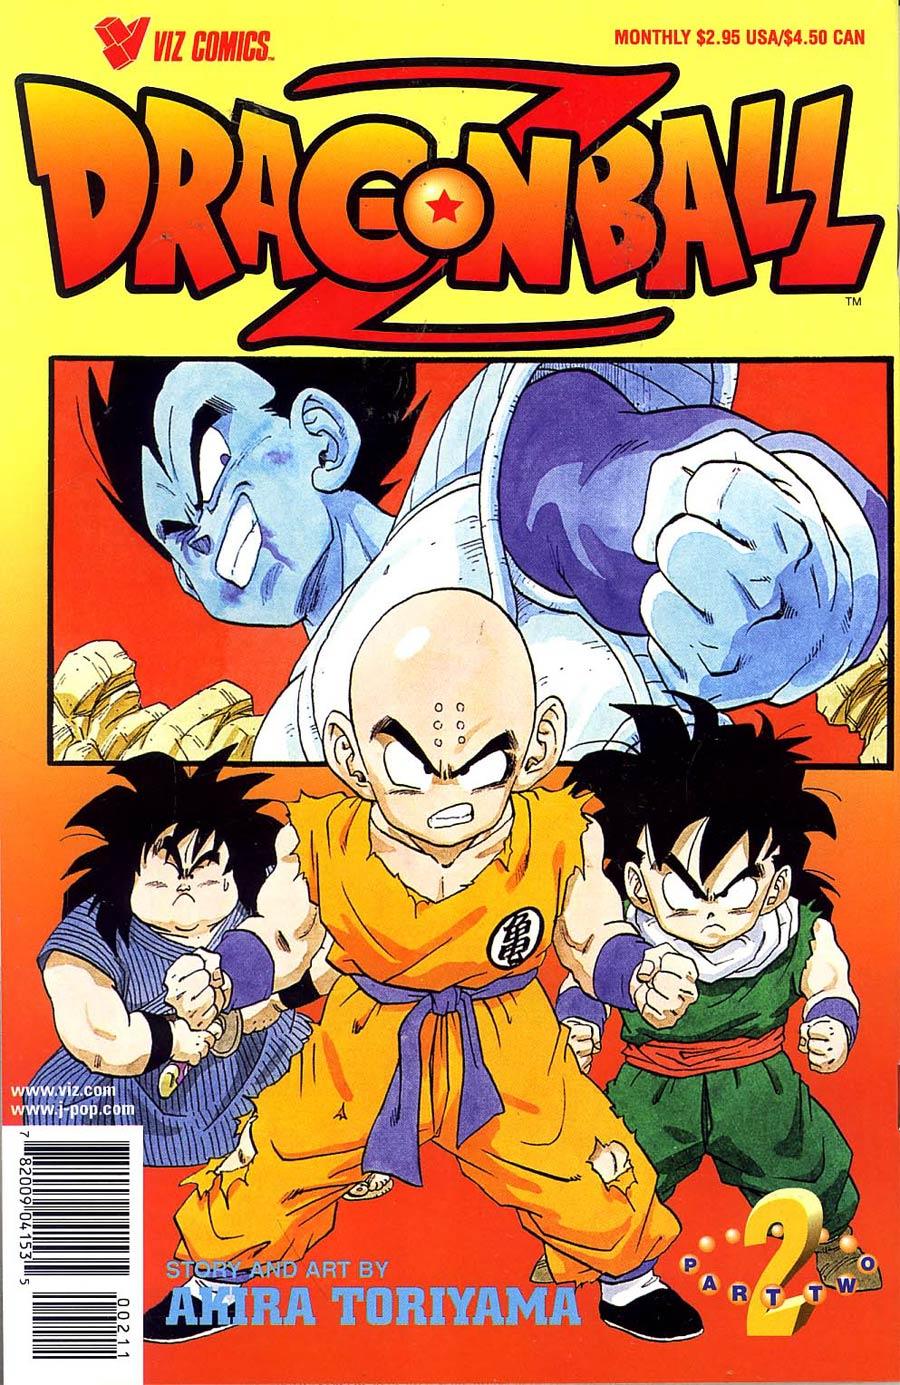 Dragon Ball Z Part 2 #2